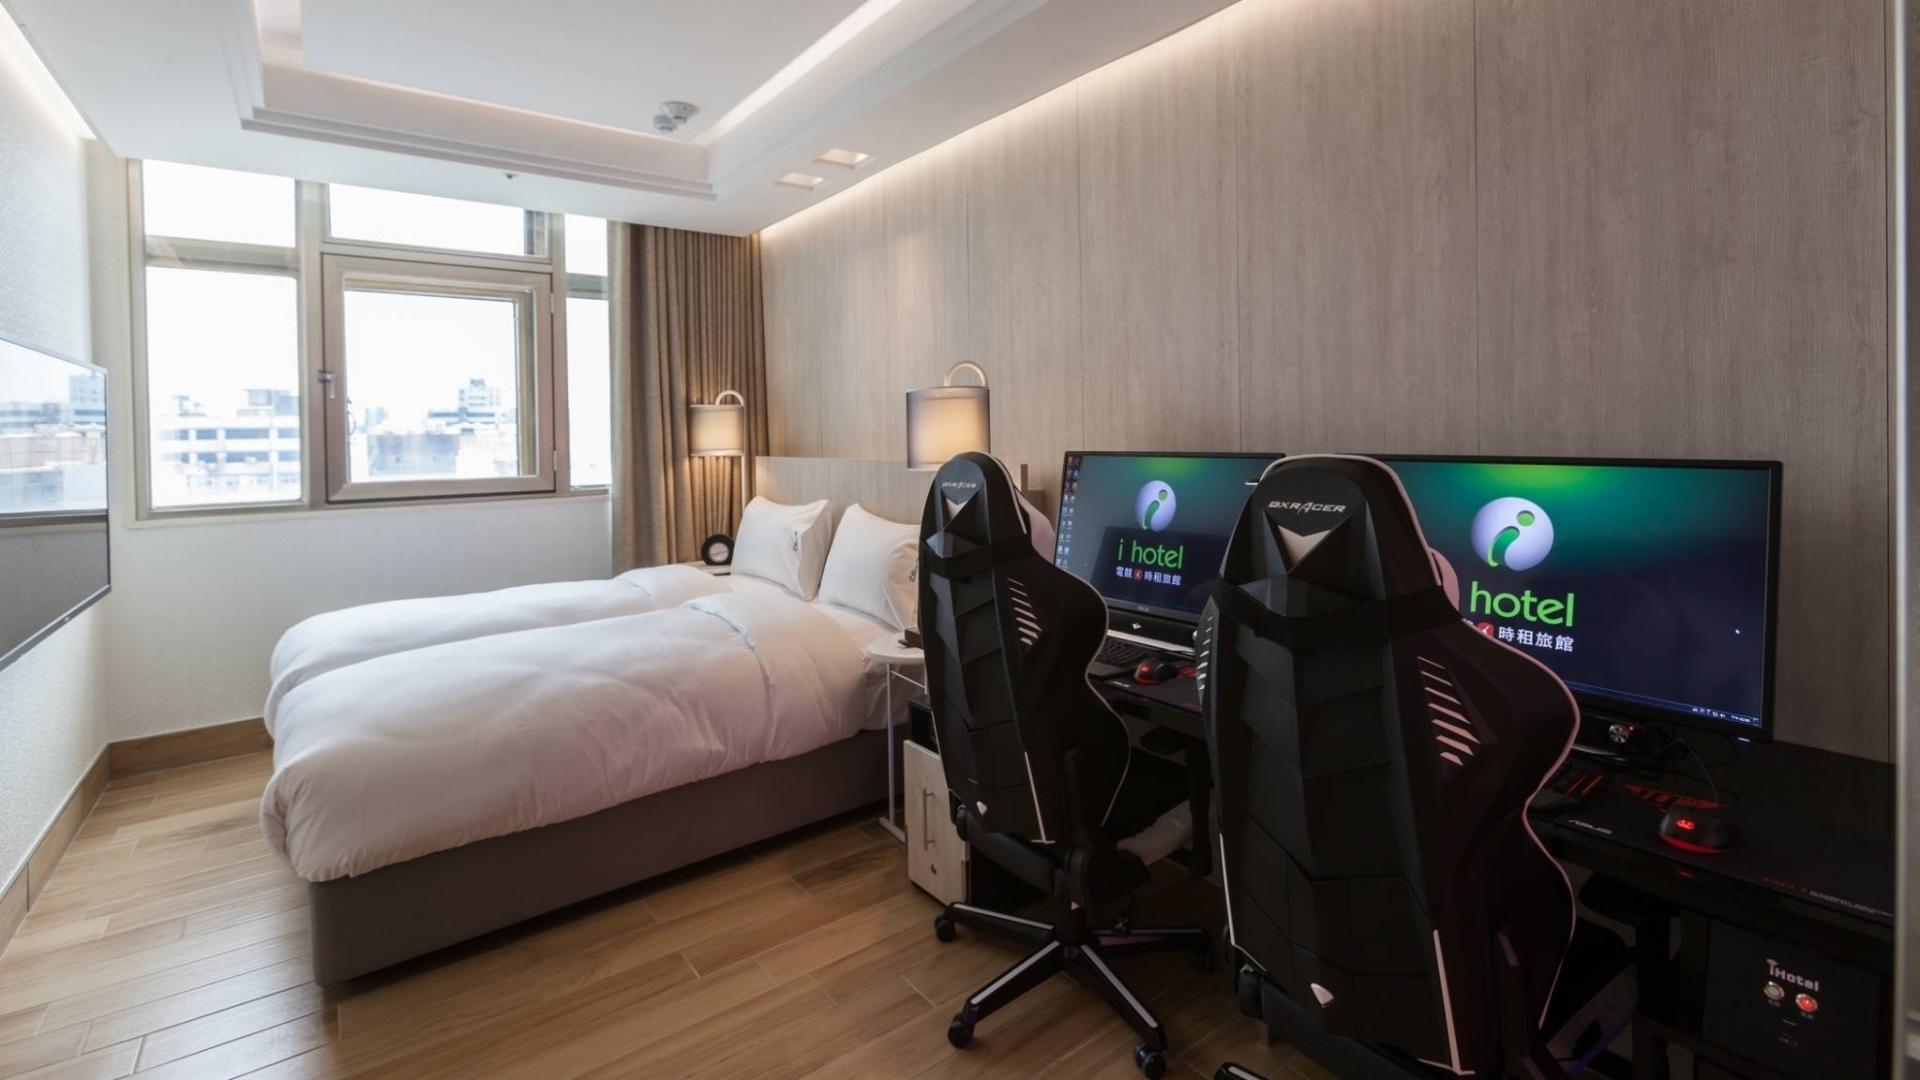 El hotel perfecto para gamers abrió en Taiwán